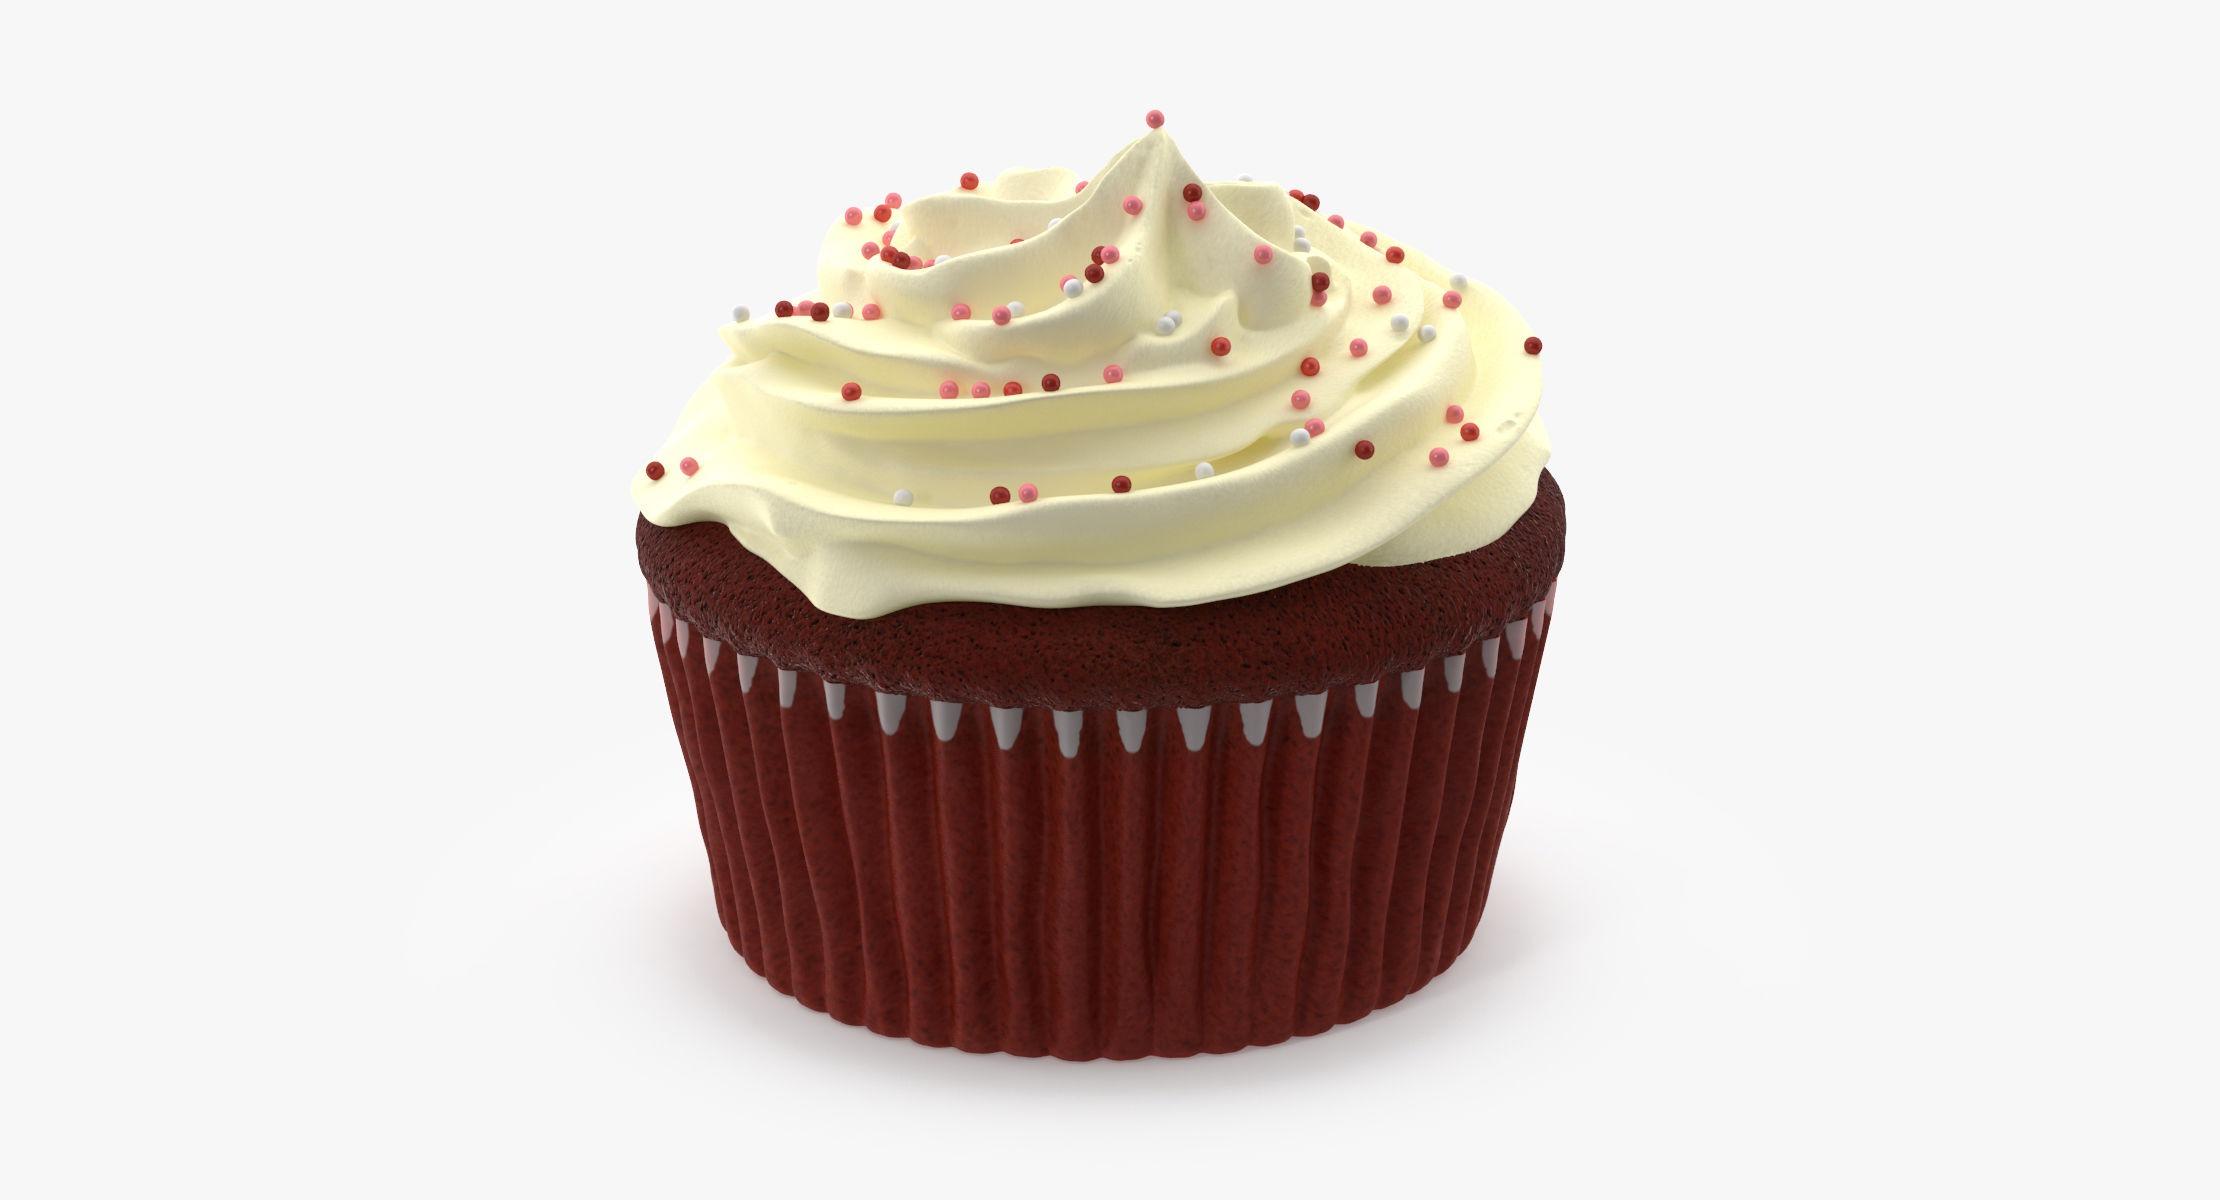 Cupcake 03 - reel 1